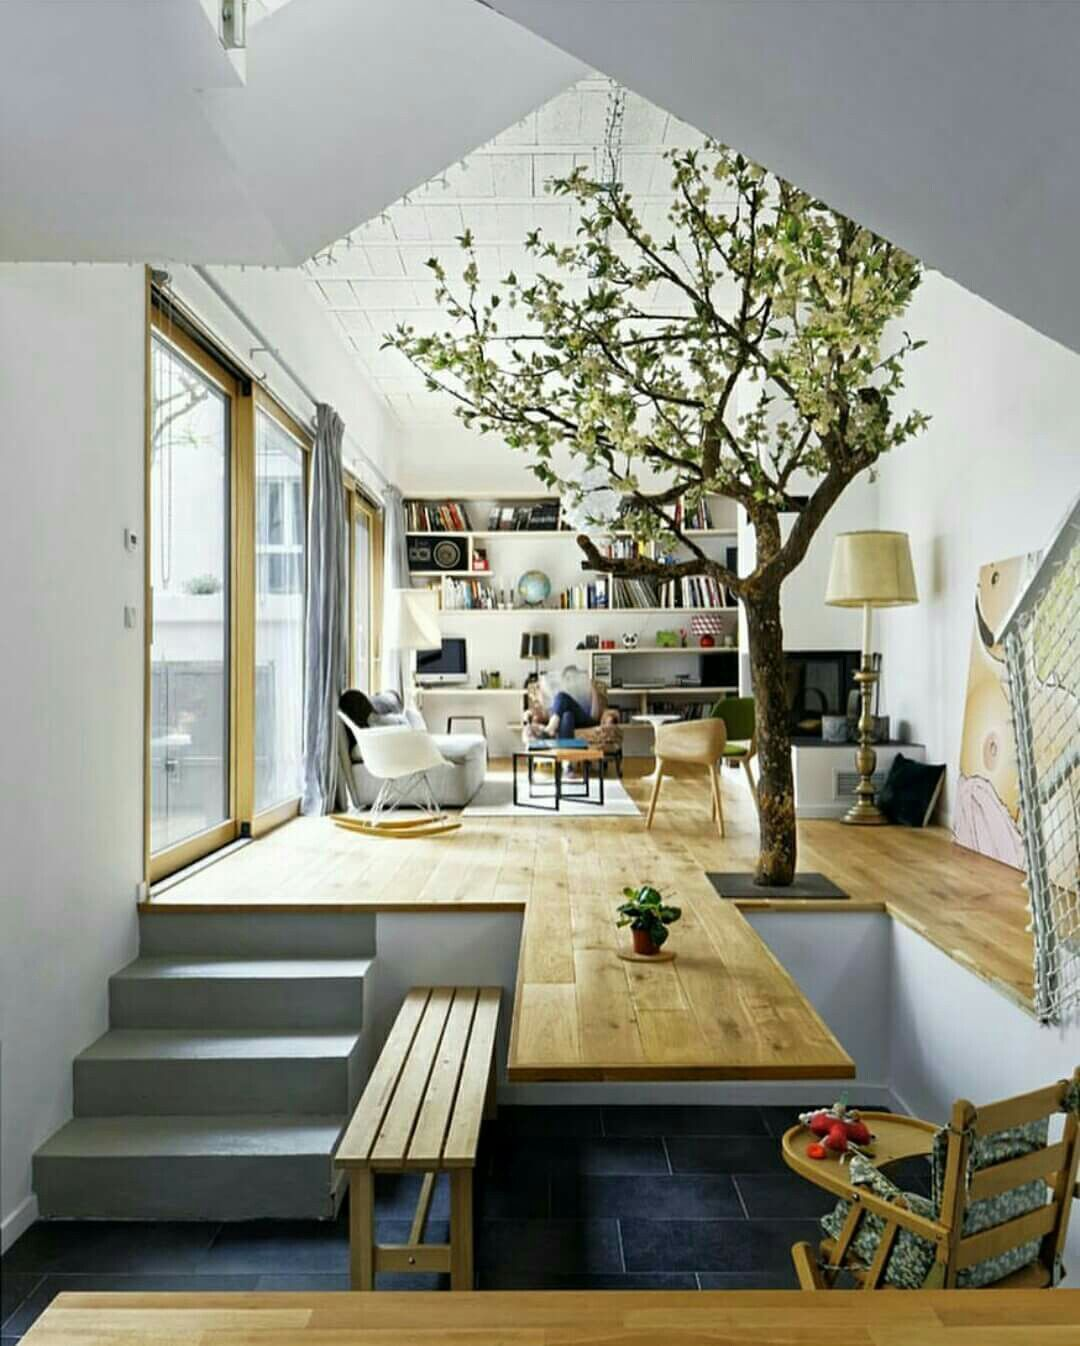 Soggiorno soggiorno nel 2019 idee per interni for Idee per interni casa